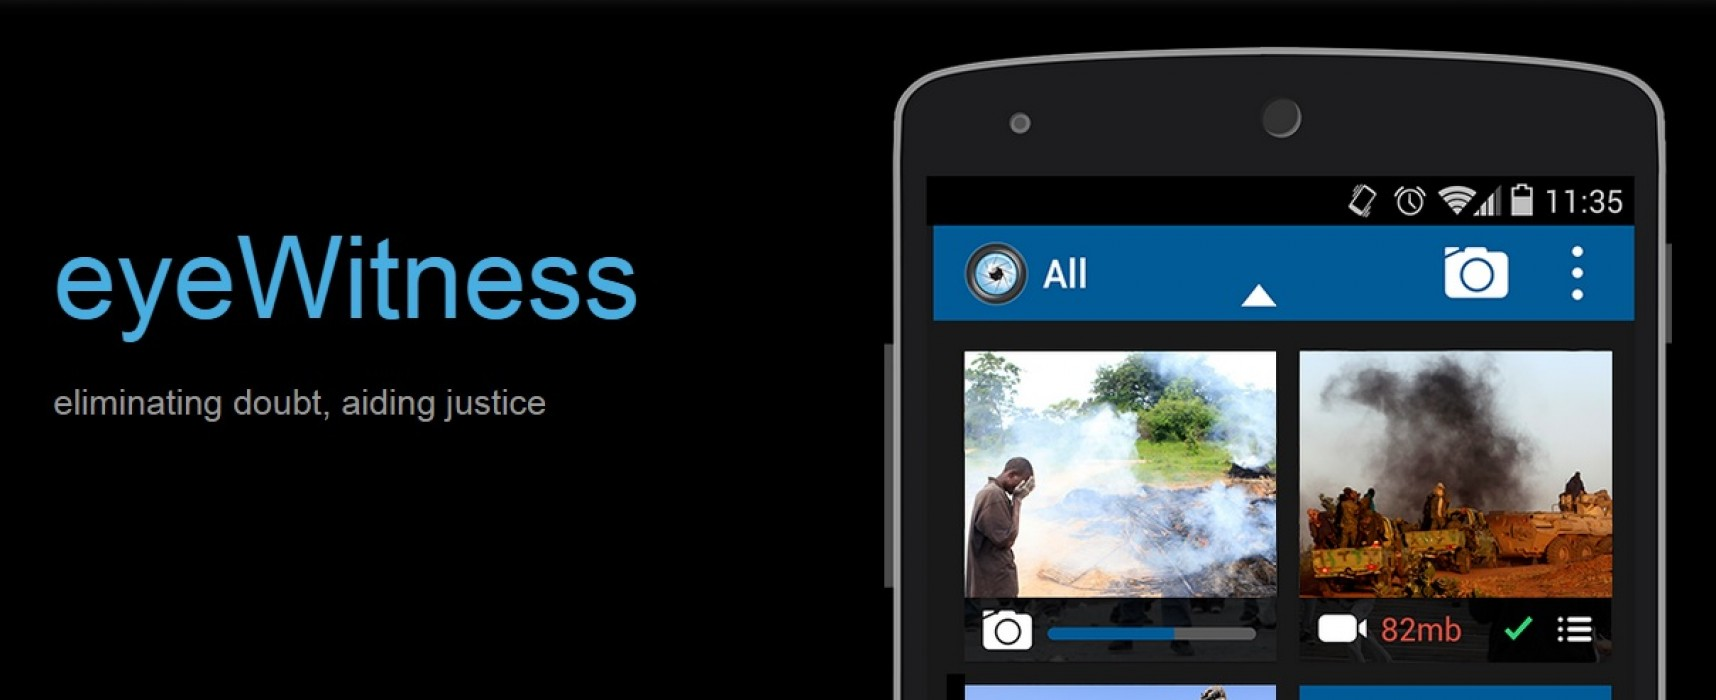 Новое приложение для смартфона как инструмент правосудия